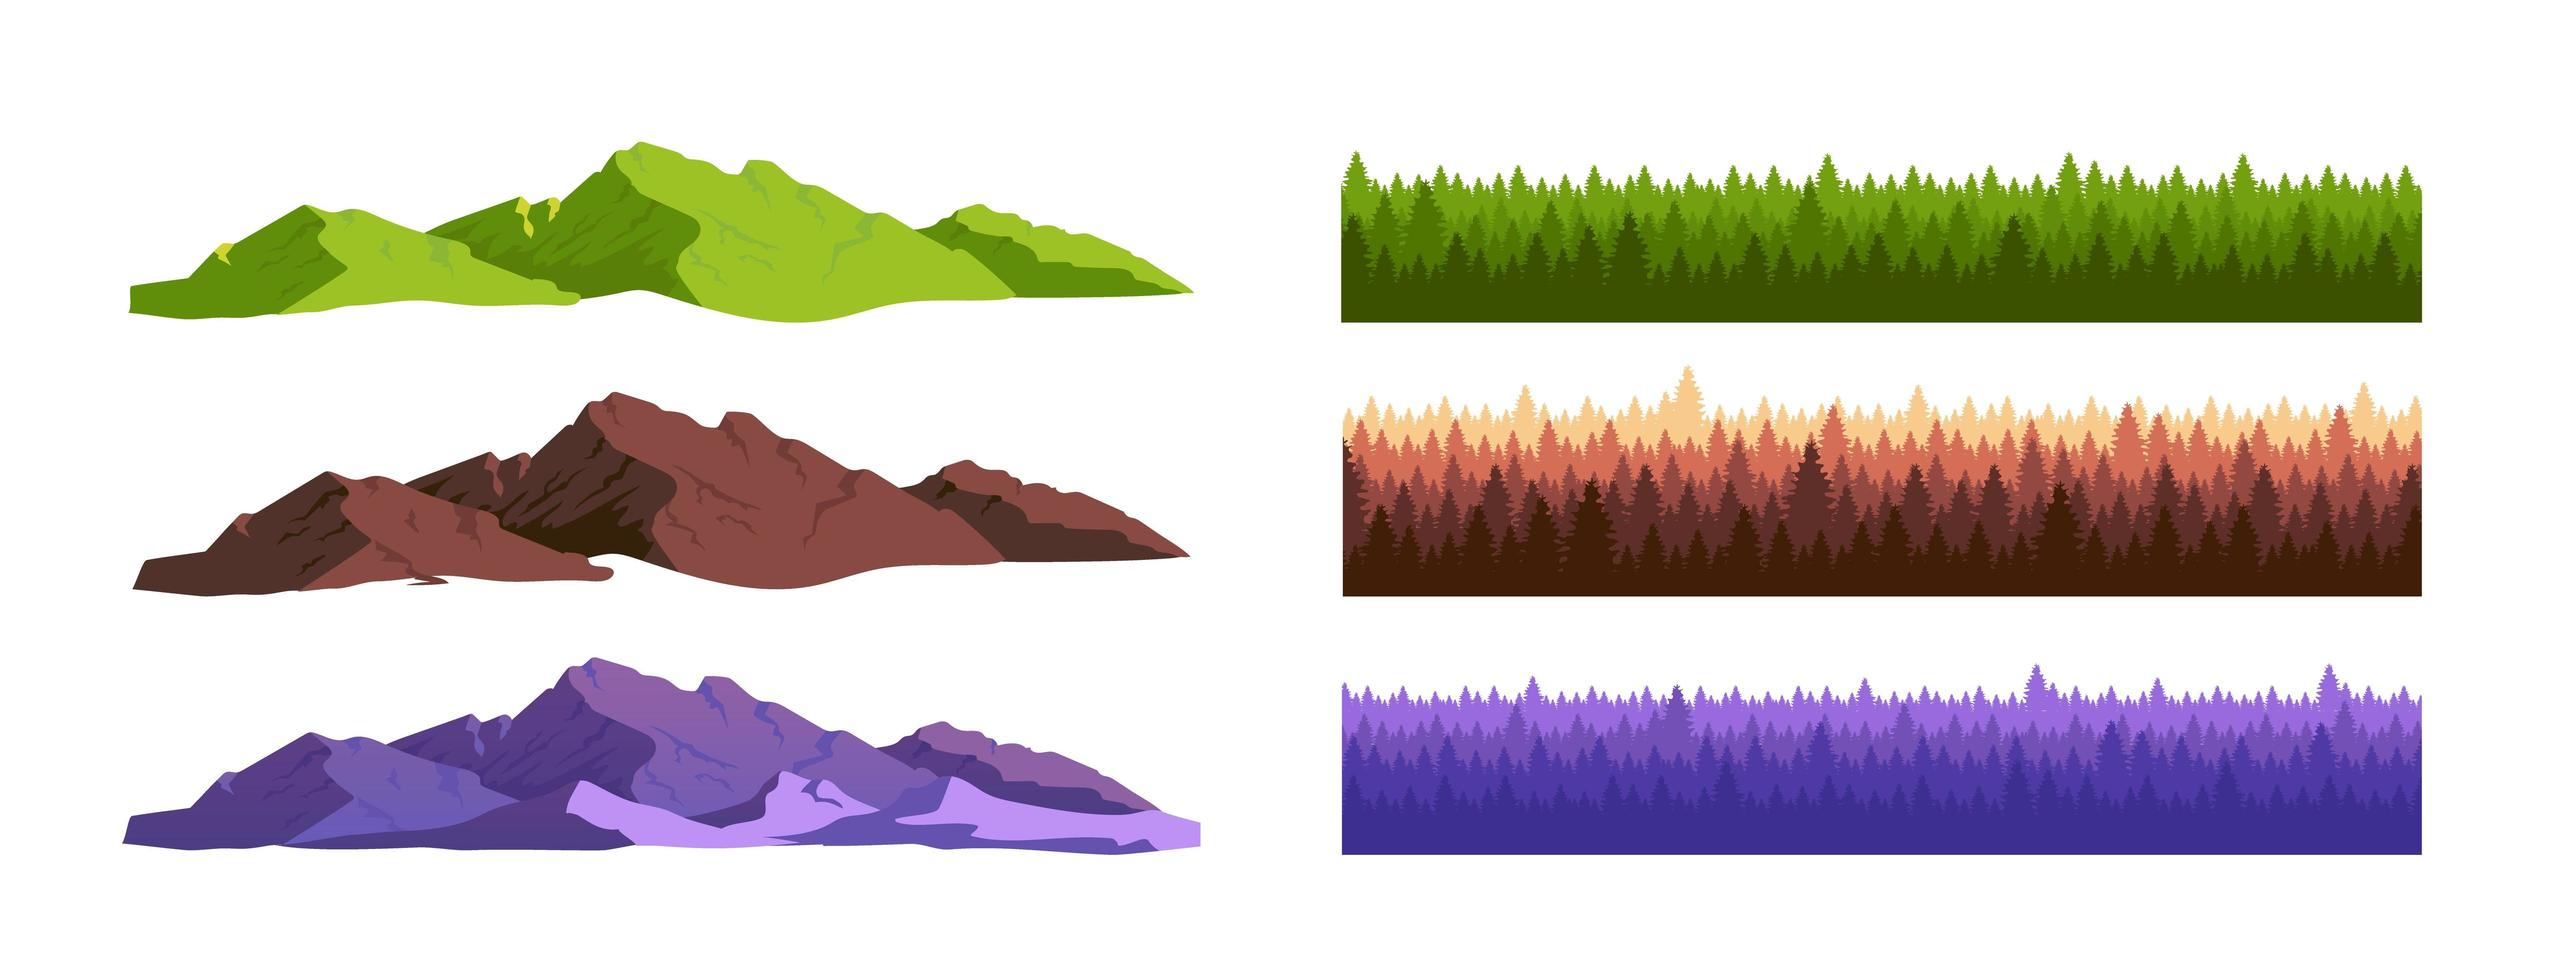 Conjunto de montañas y bosques de coníferas. vector